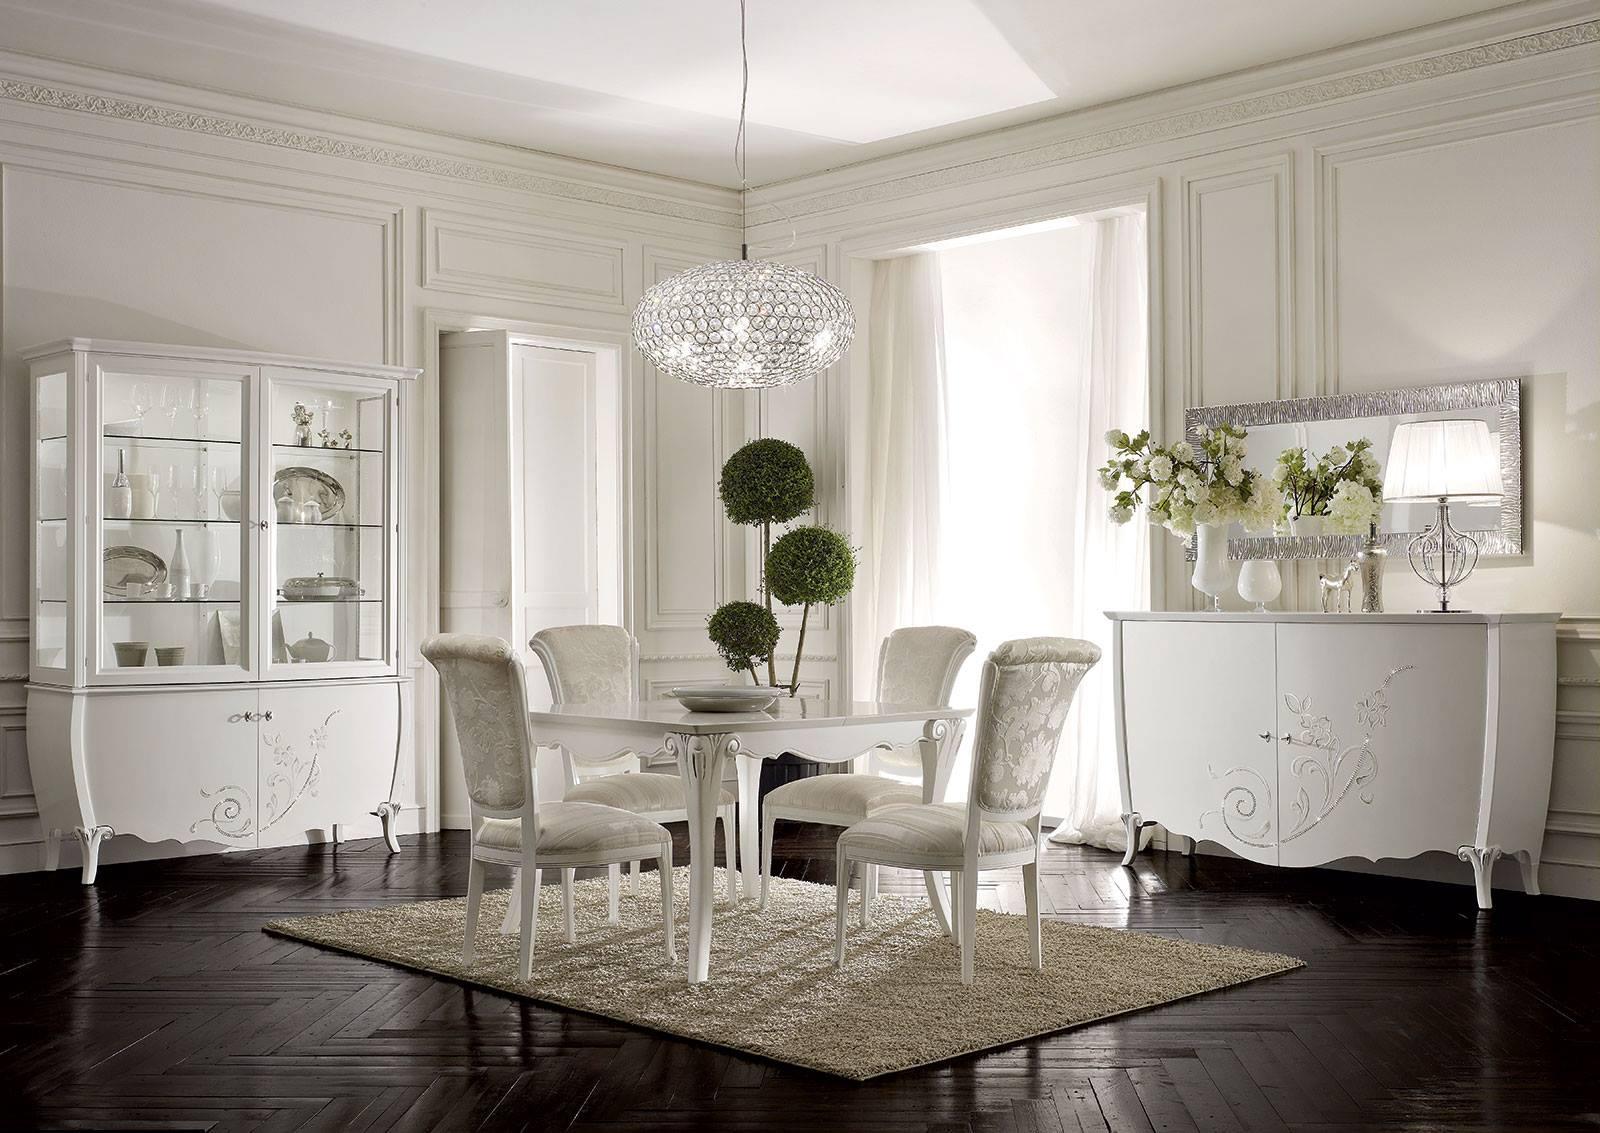 Spallotta arredamenti for Soggiorno elegante